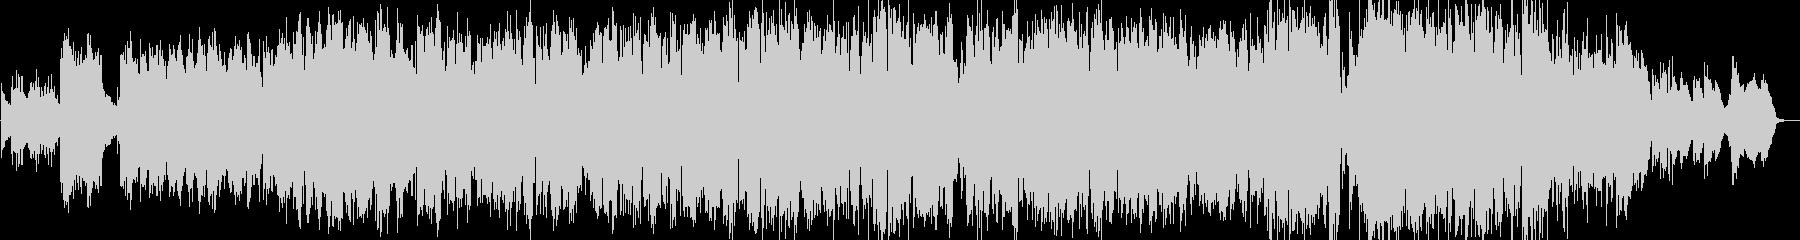 ポップ系バラードの未再生の波形